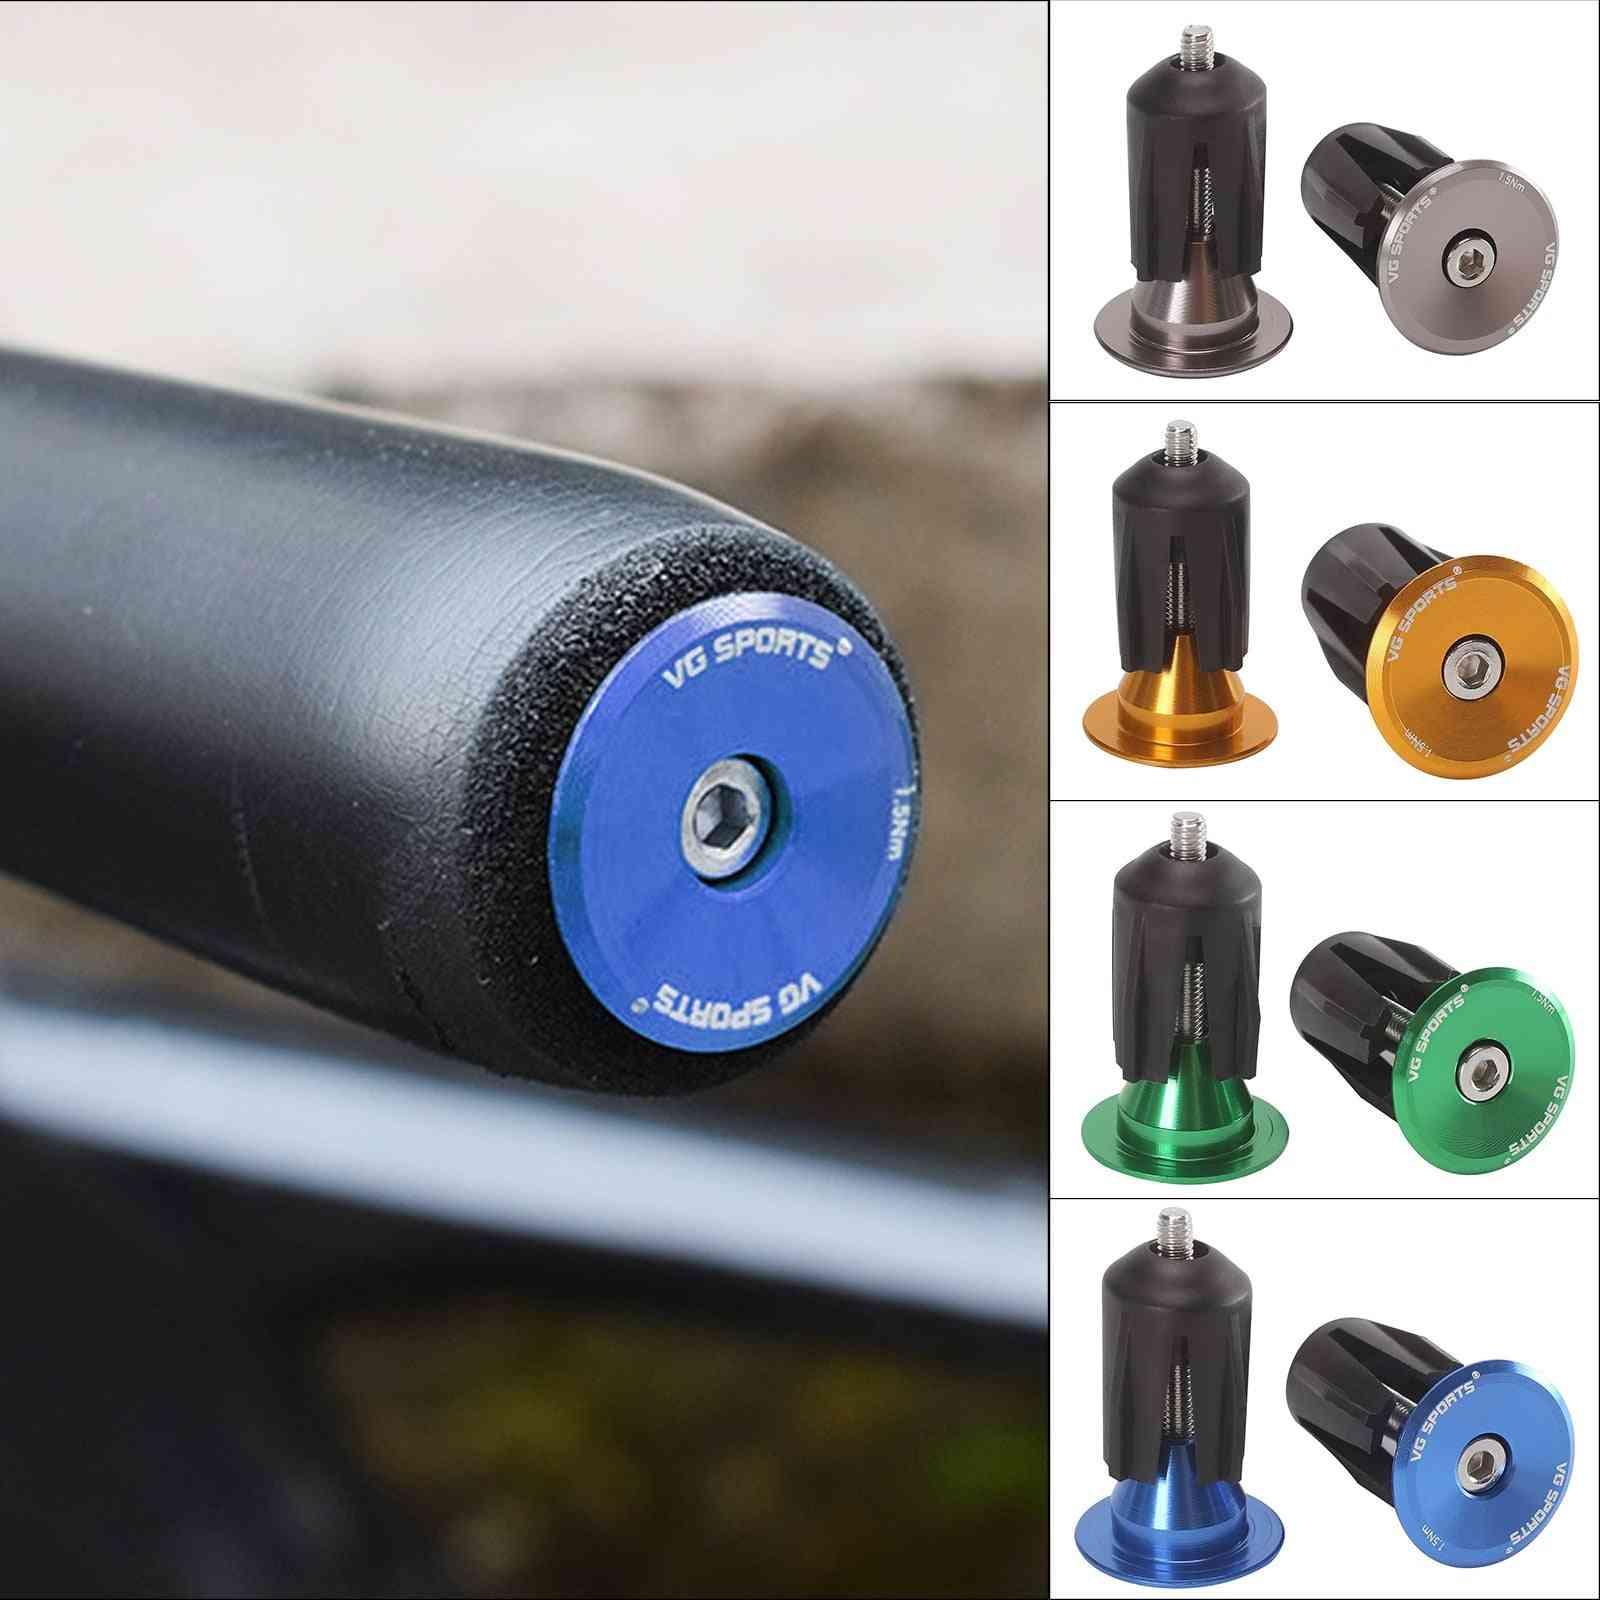 Bicycle Grip Handlebar End Cap, Aluminium Alloy Lock